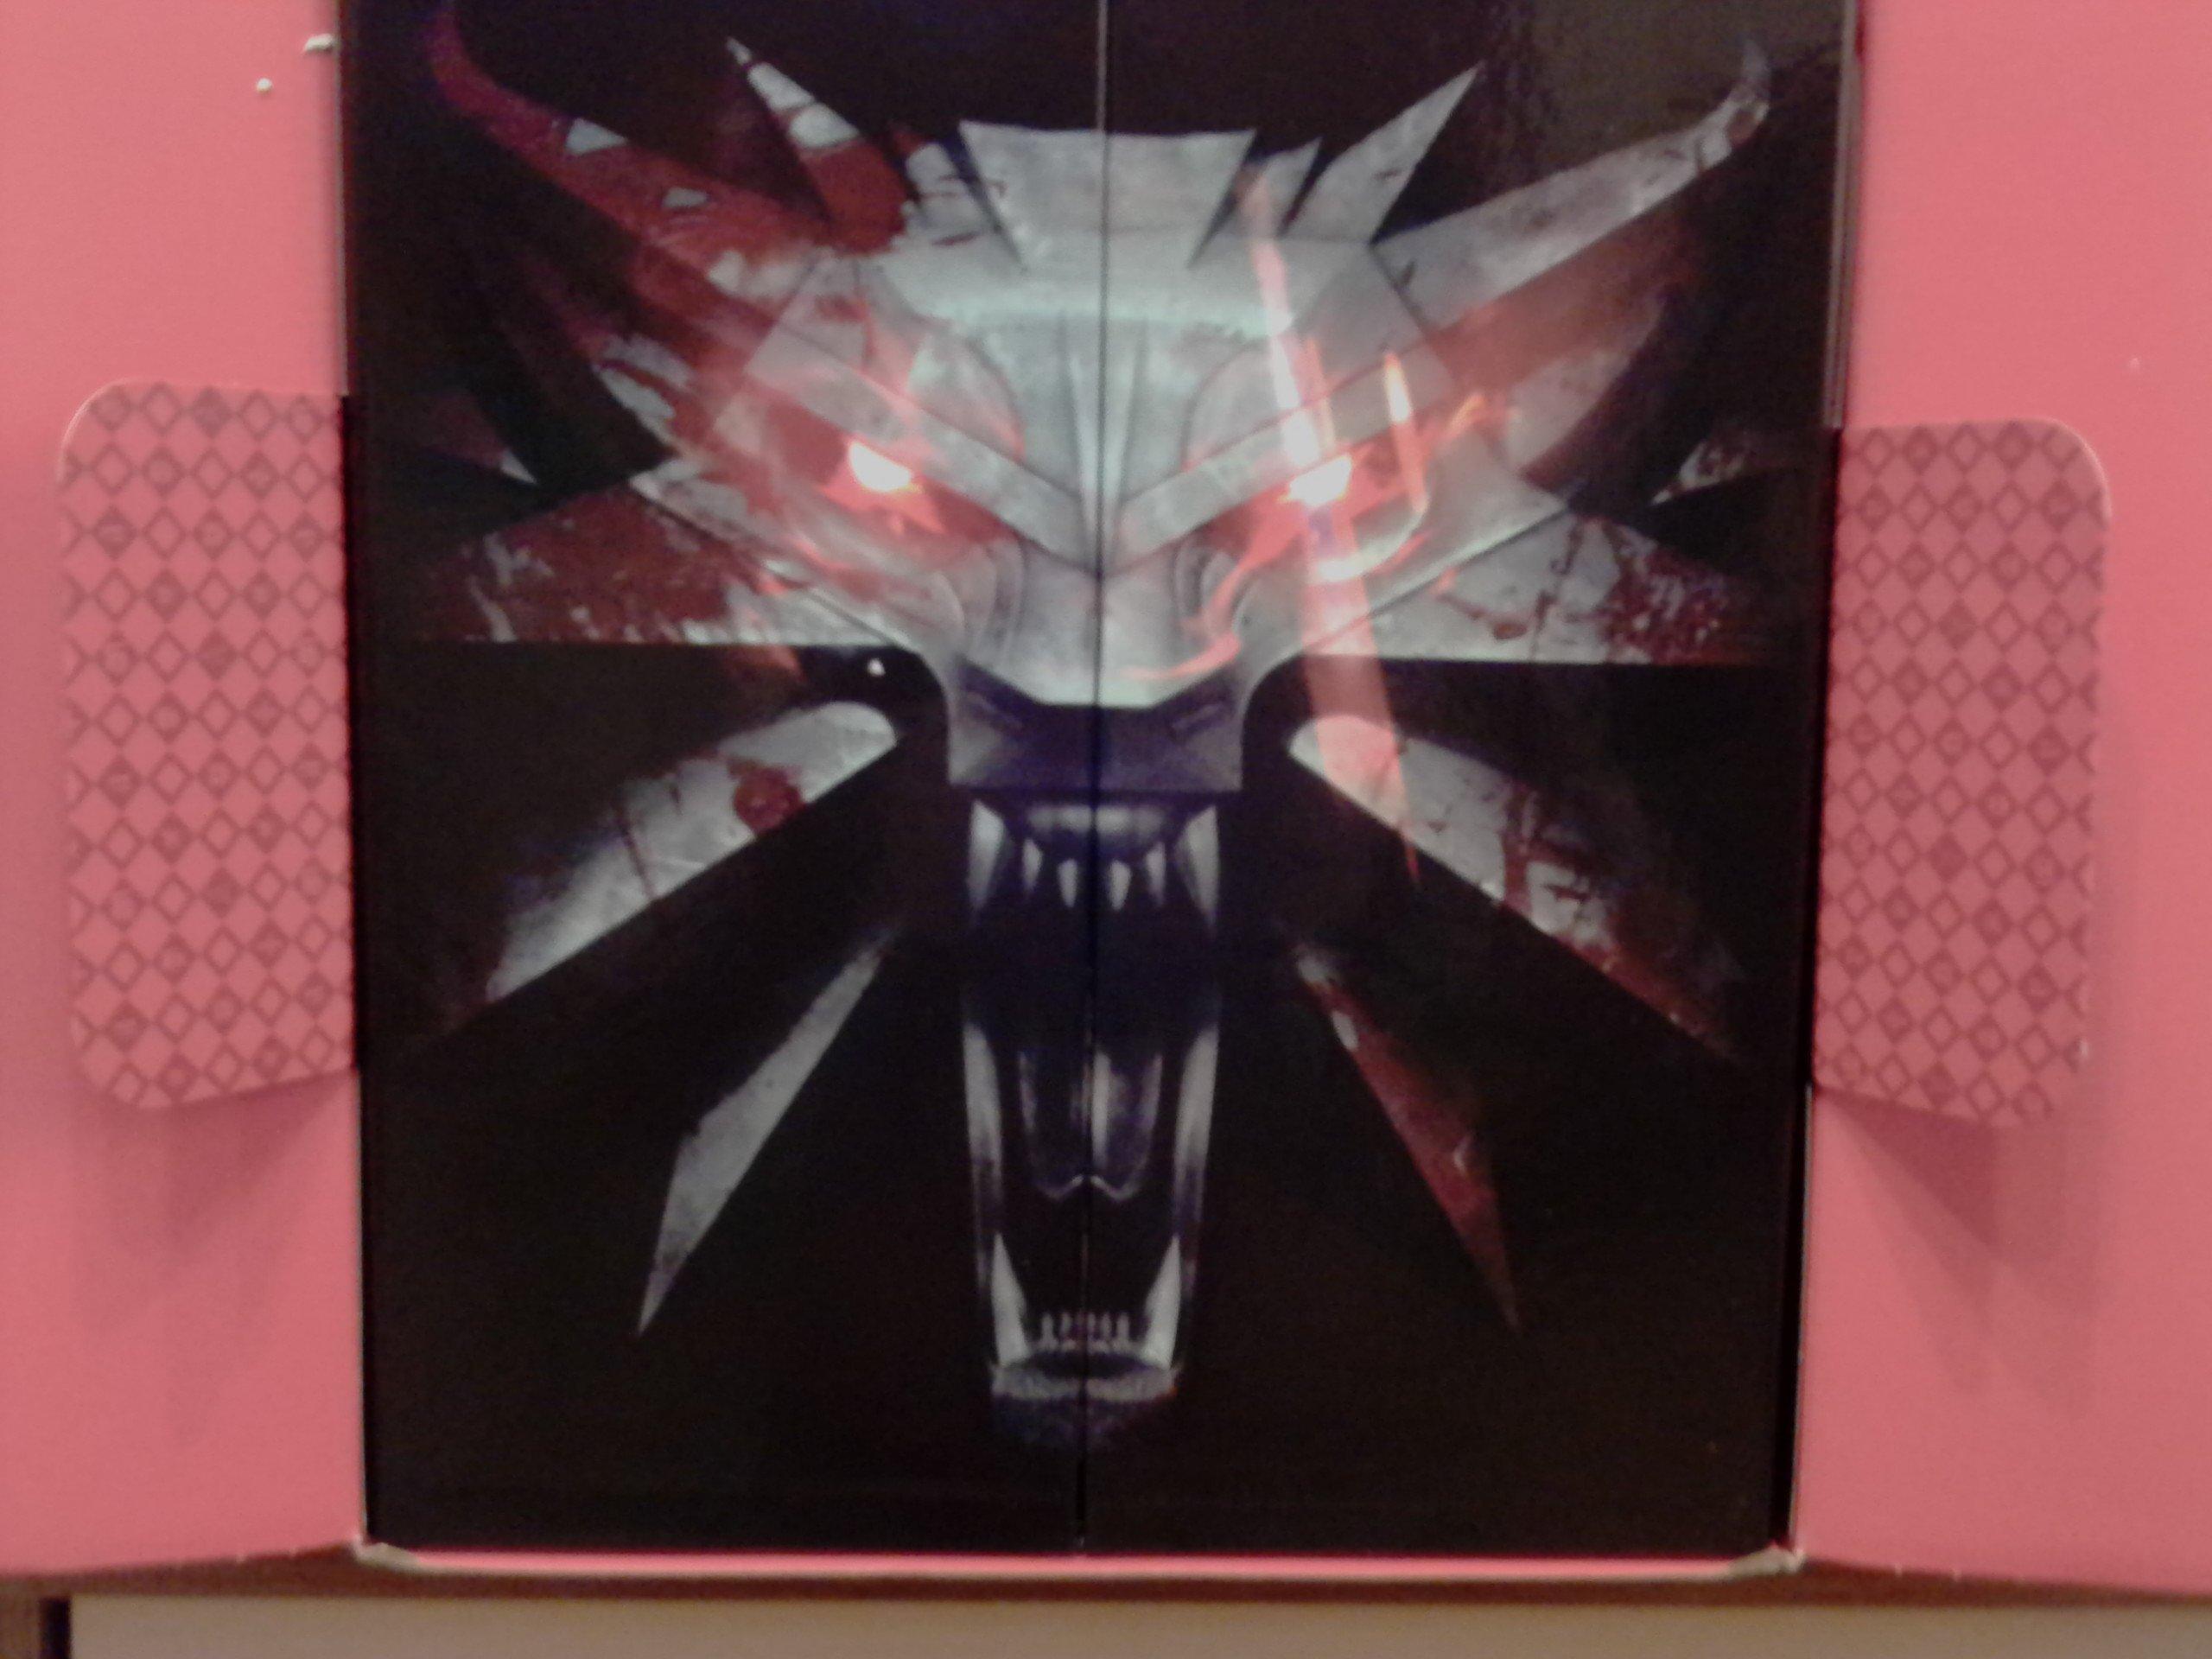 The Witcher 3: Wild Hunt. Распаковка коллекционного издания игры!     После долгого и томительного ожидания, сквозь  .... - Изображение 4